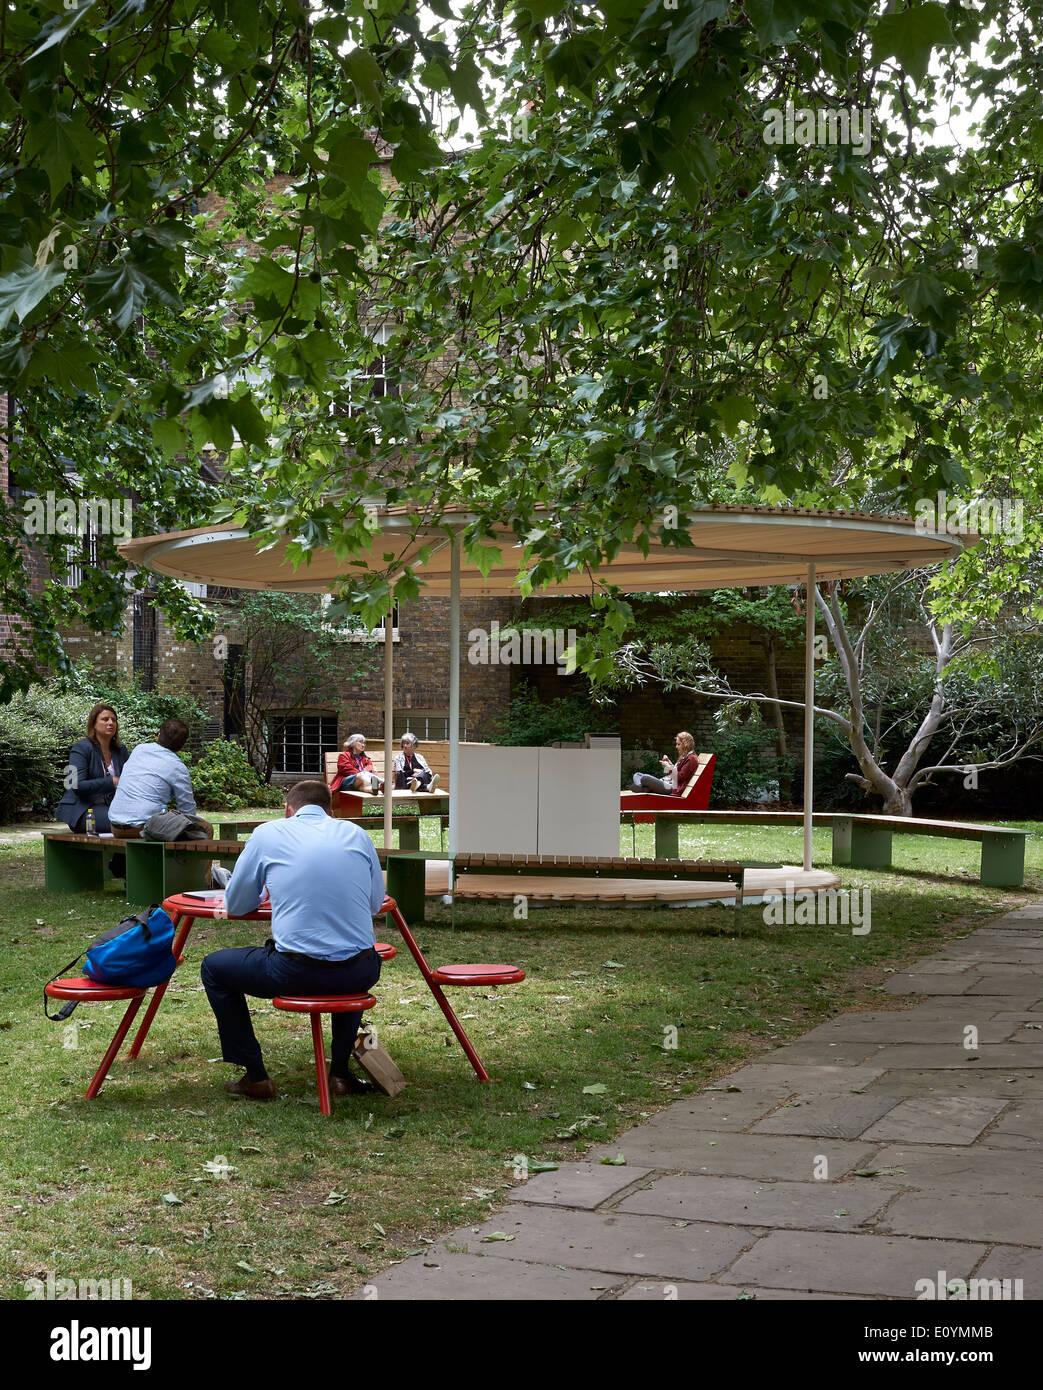 Arredo da Vestra con padiglione disegnato da Snohetta per Clerkenwell Design Week 2014, Londra Immagini Stock